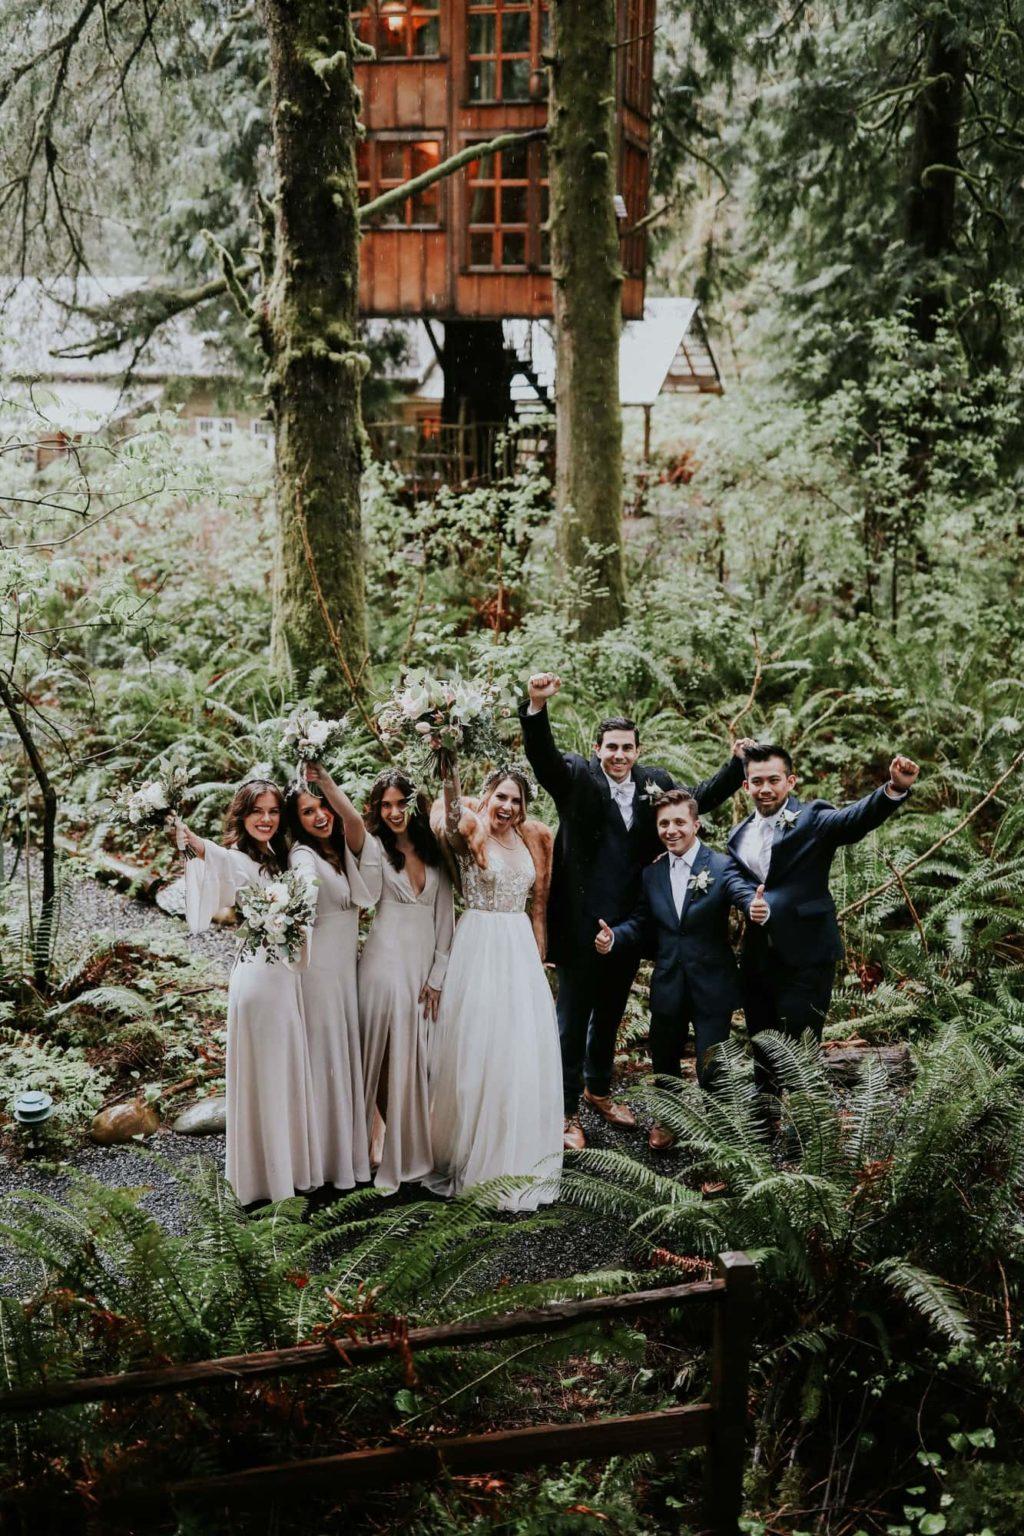 bridal party cheering at the camera